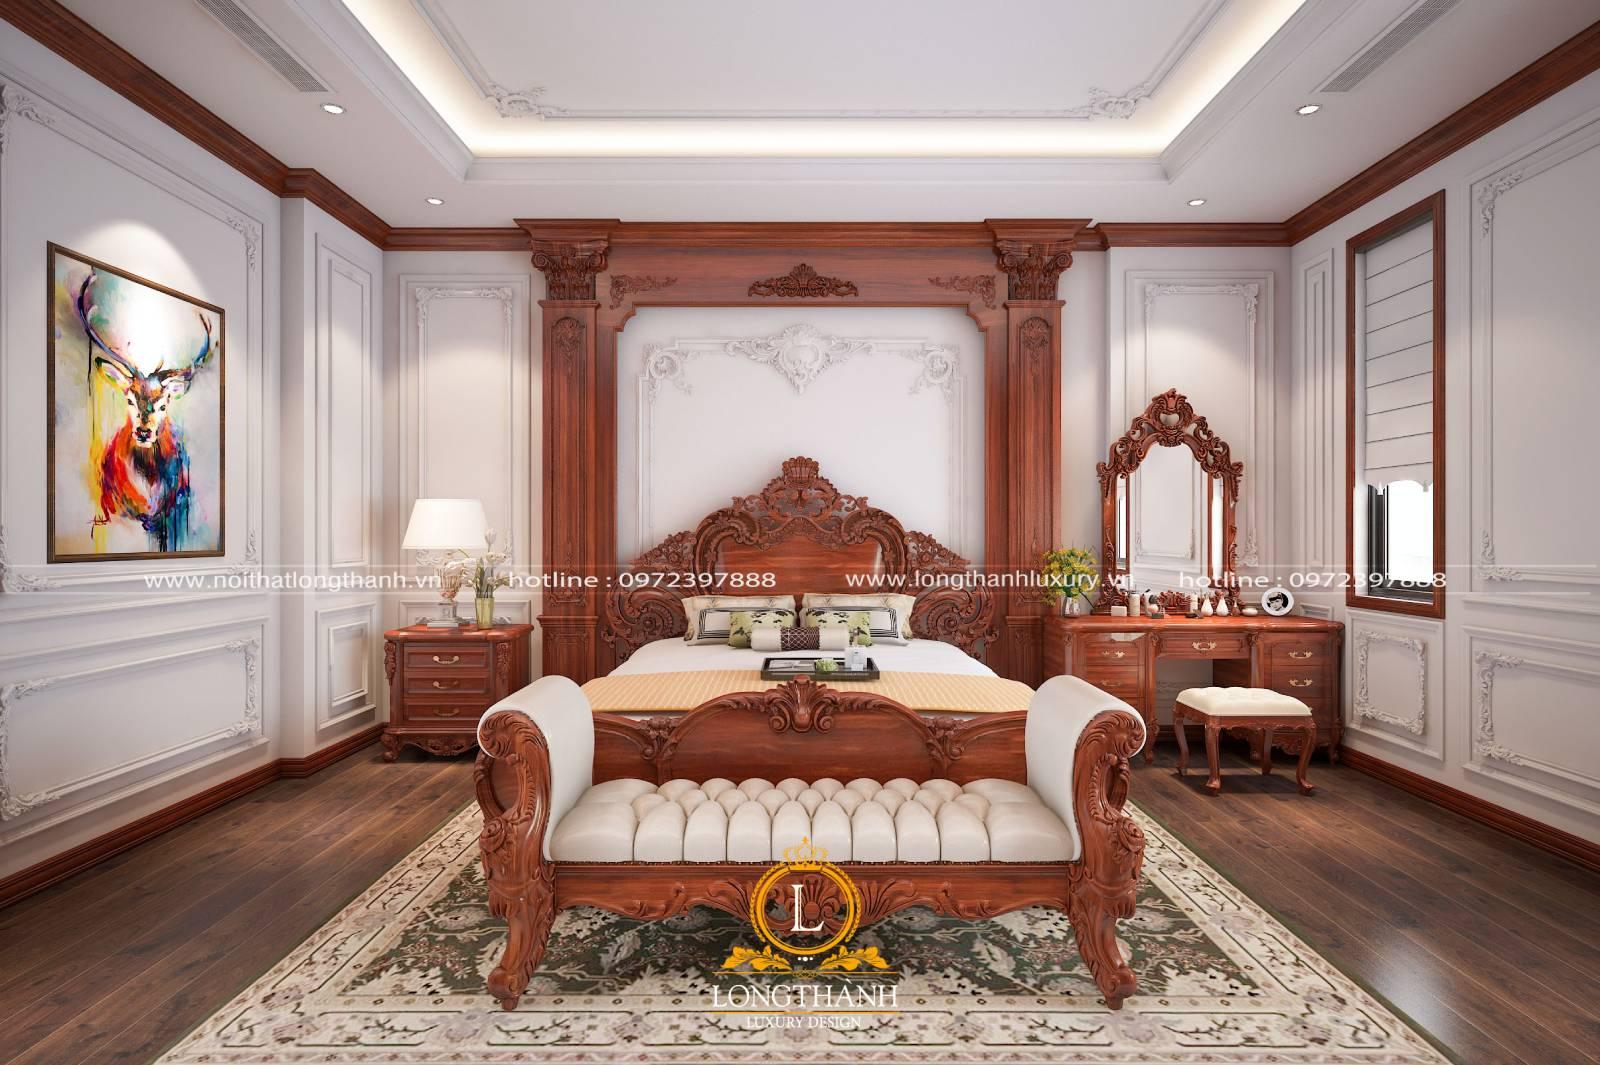 Đèn phòng ngủ tạo cảm giác ấm cúng với ánh sáng hài hòa tự nhiên